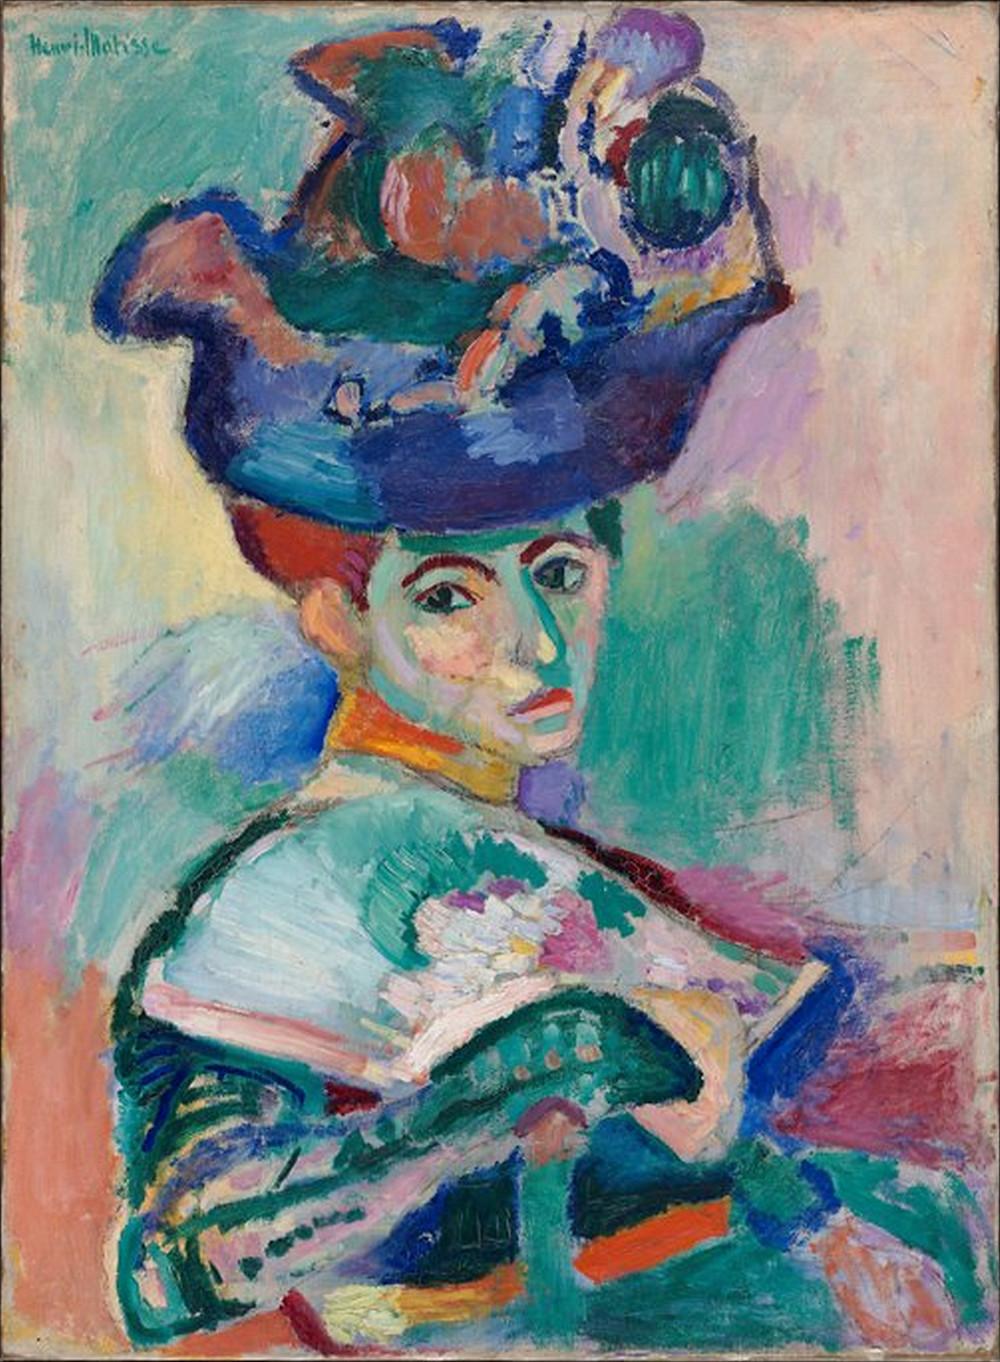 Matisse; Portrait; Oranges; Fauvism; Singapore artist